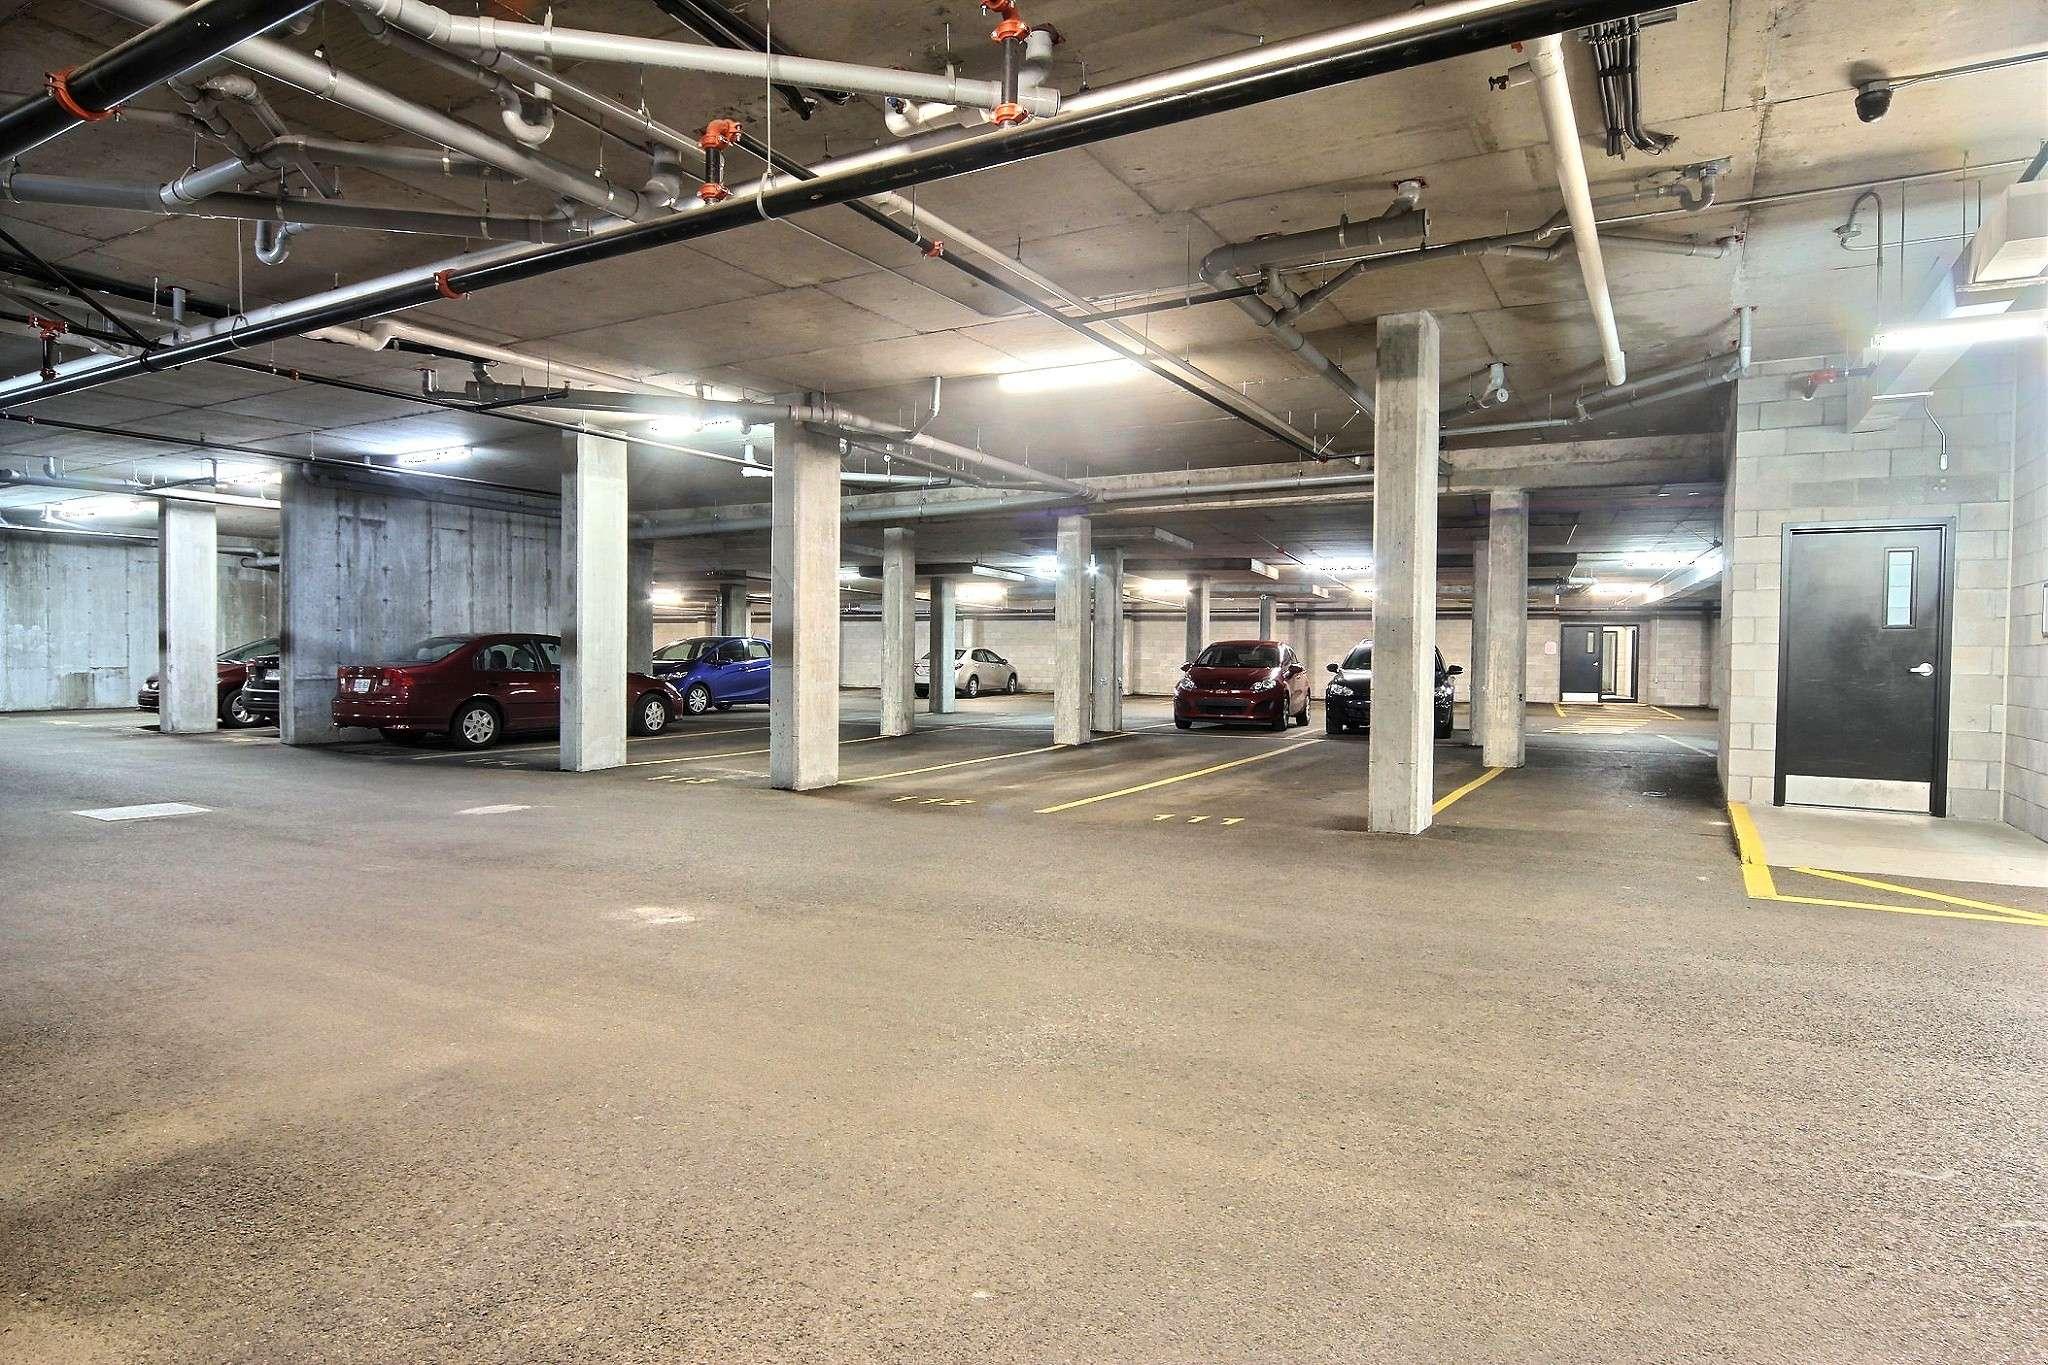 stationnement intérieur